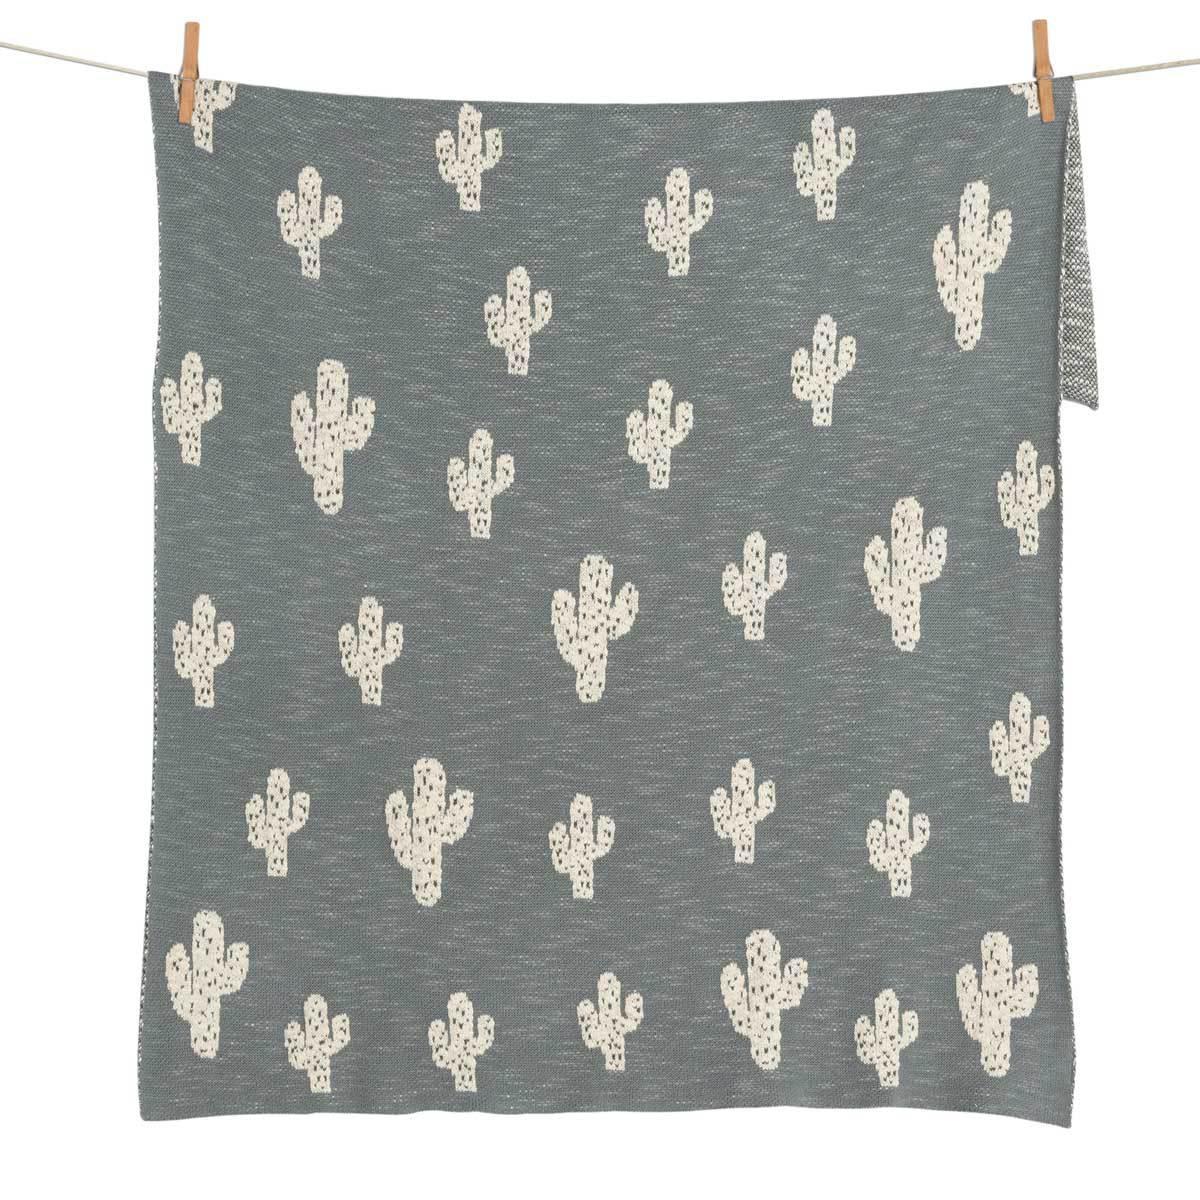 Linge de lit Couverture XL - Cactus Couverture XL - Cactus